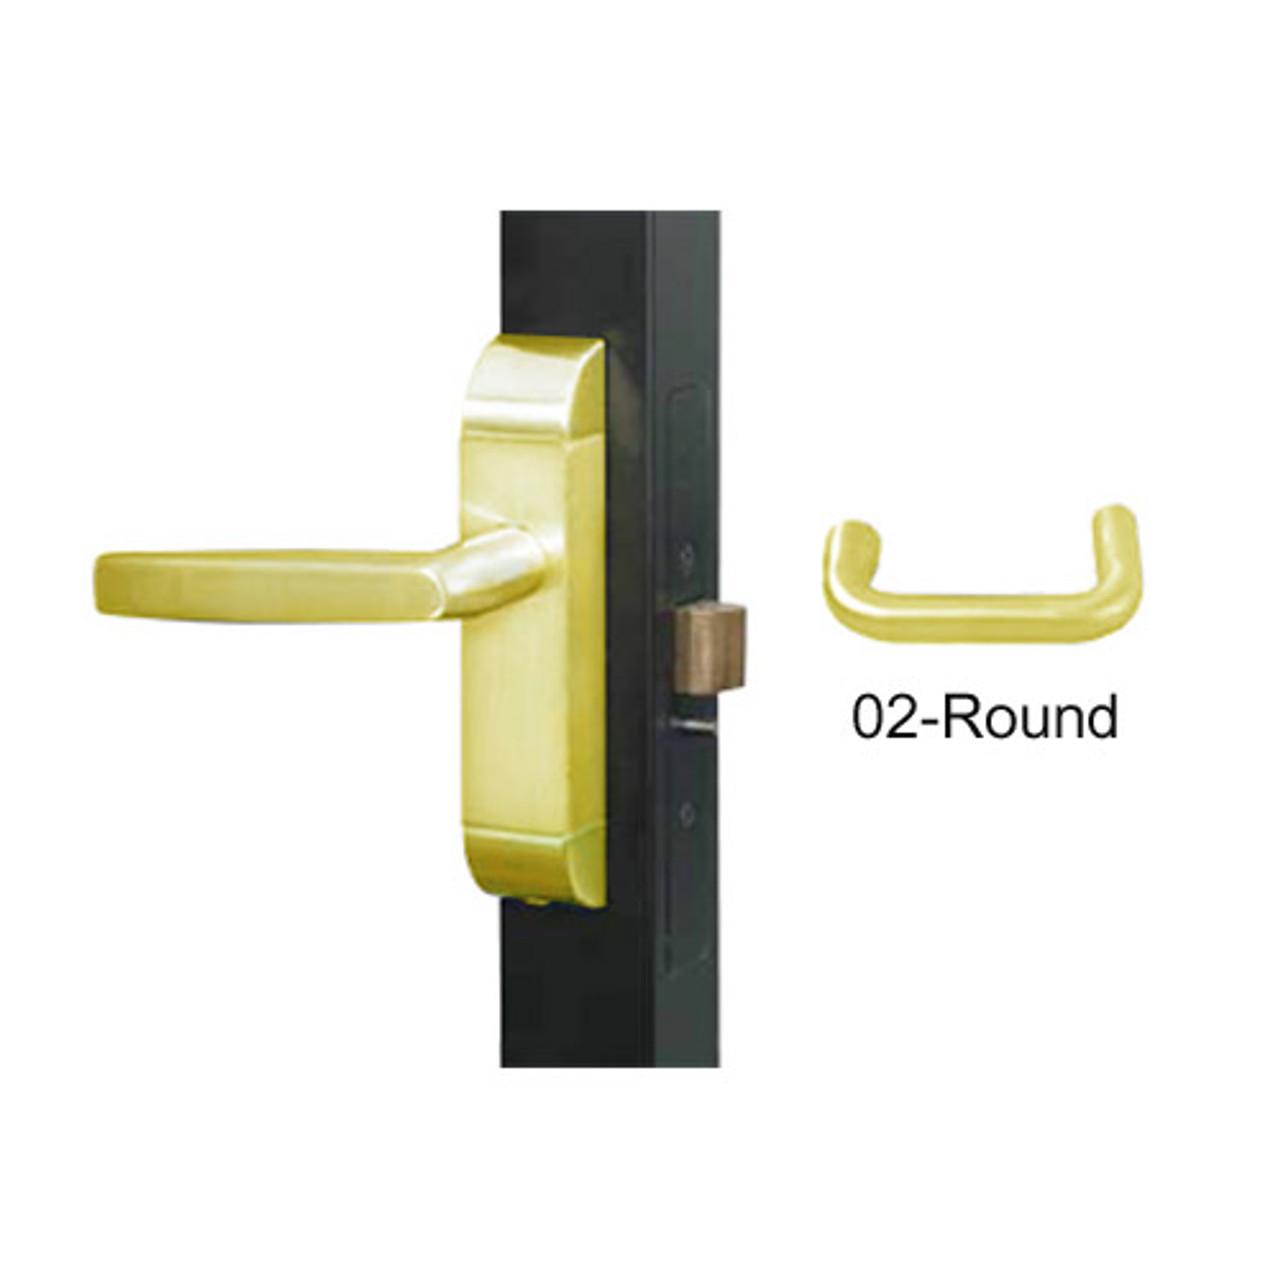 4600M-02-512-US3 Adams Rite Heavy Duty Round Deadlatch Handles in Bright Brass Finish